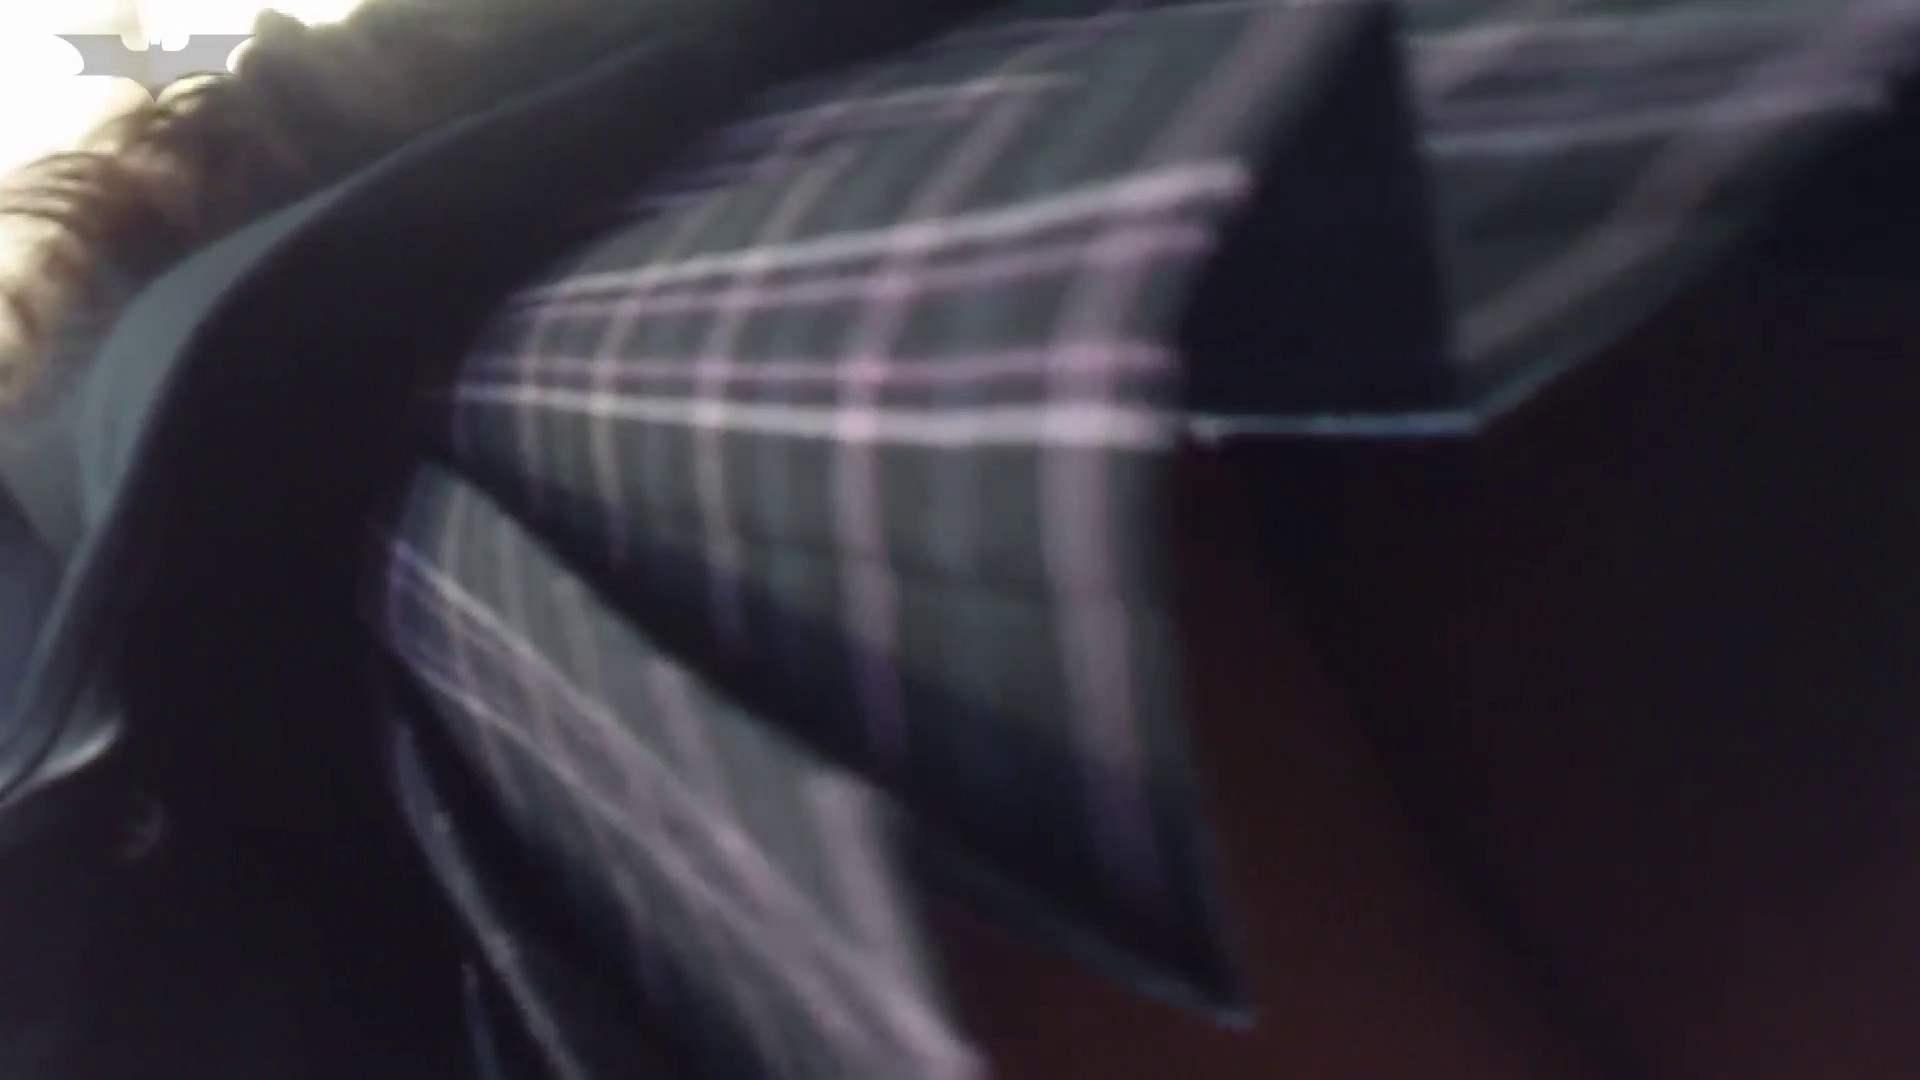 盗撮列車 Vol.14 お嬢様のバックプリントパンツ 盗撮 | 細身  105画像 61